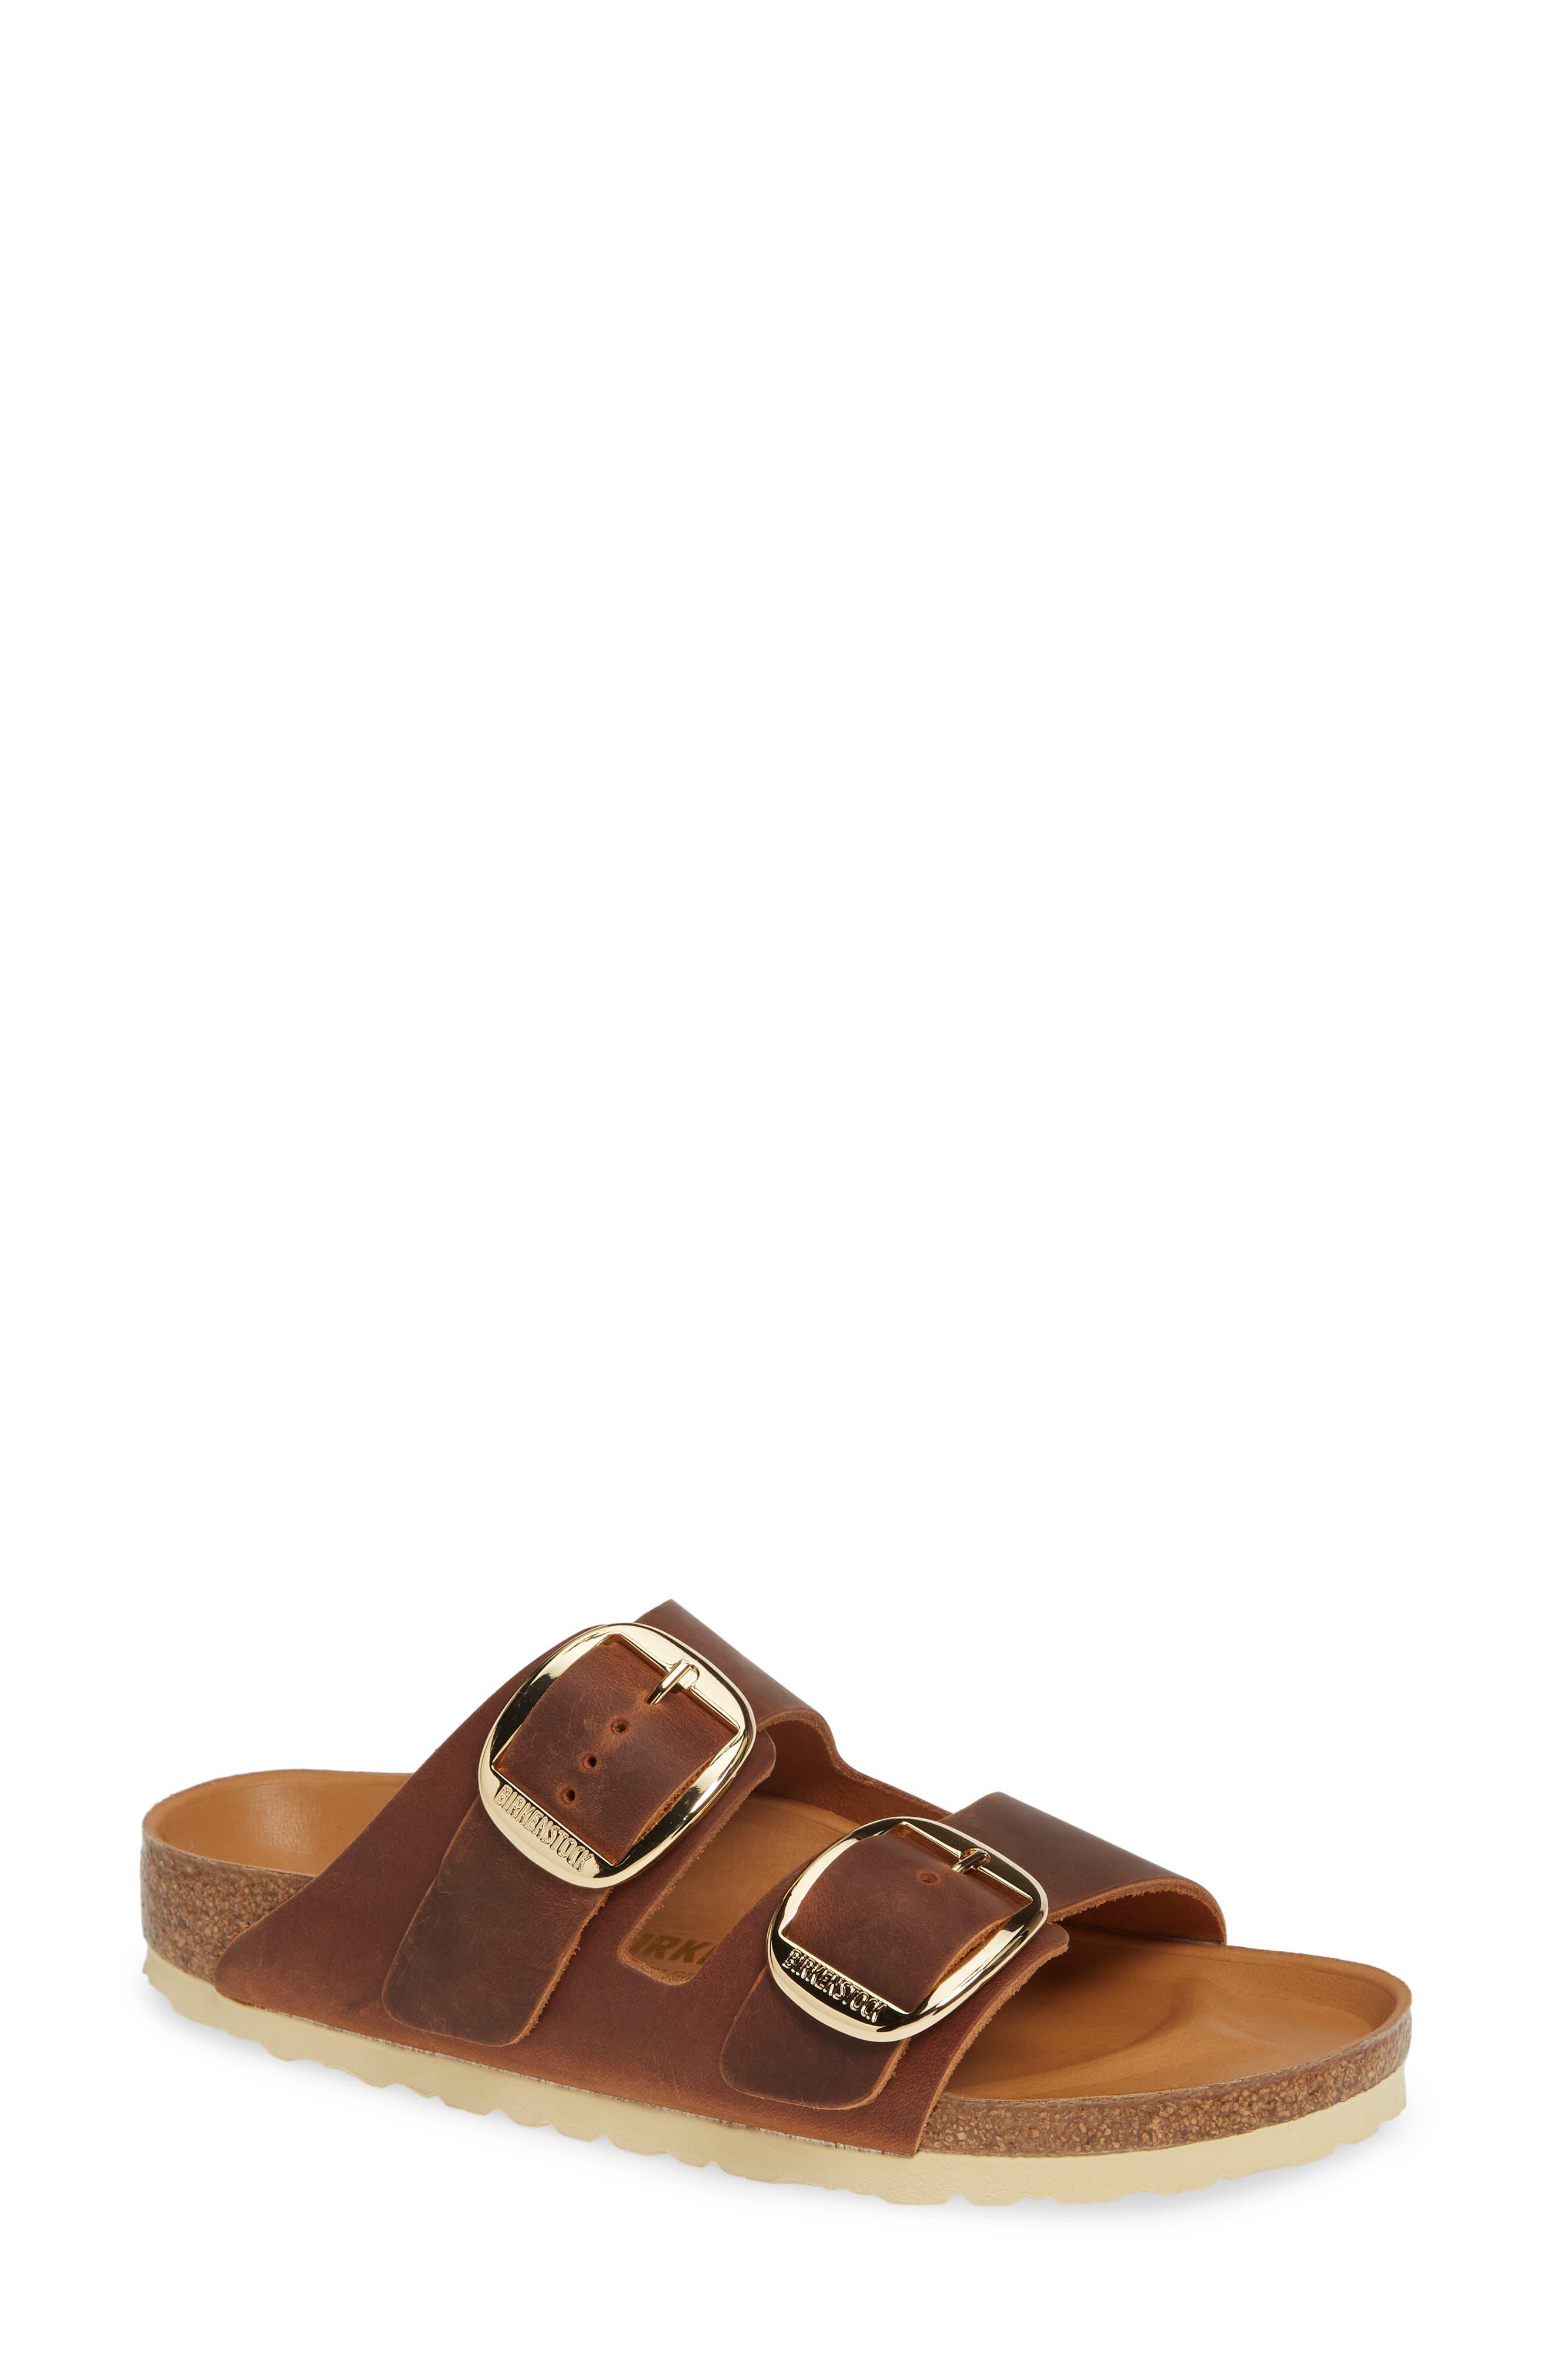 BIRKENSTOCK Women'S Arizona Big Buckle Leather Slide Sandals in Antique Cognac Oiled Leather